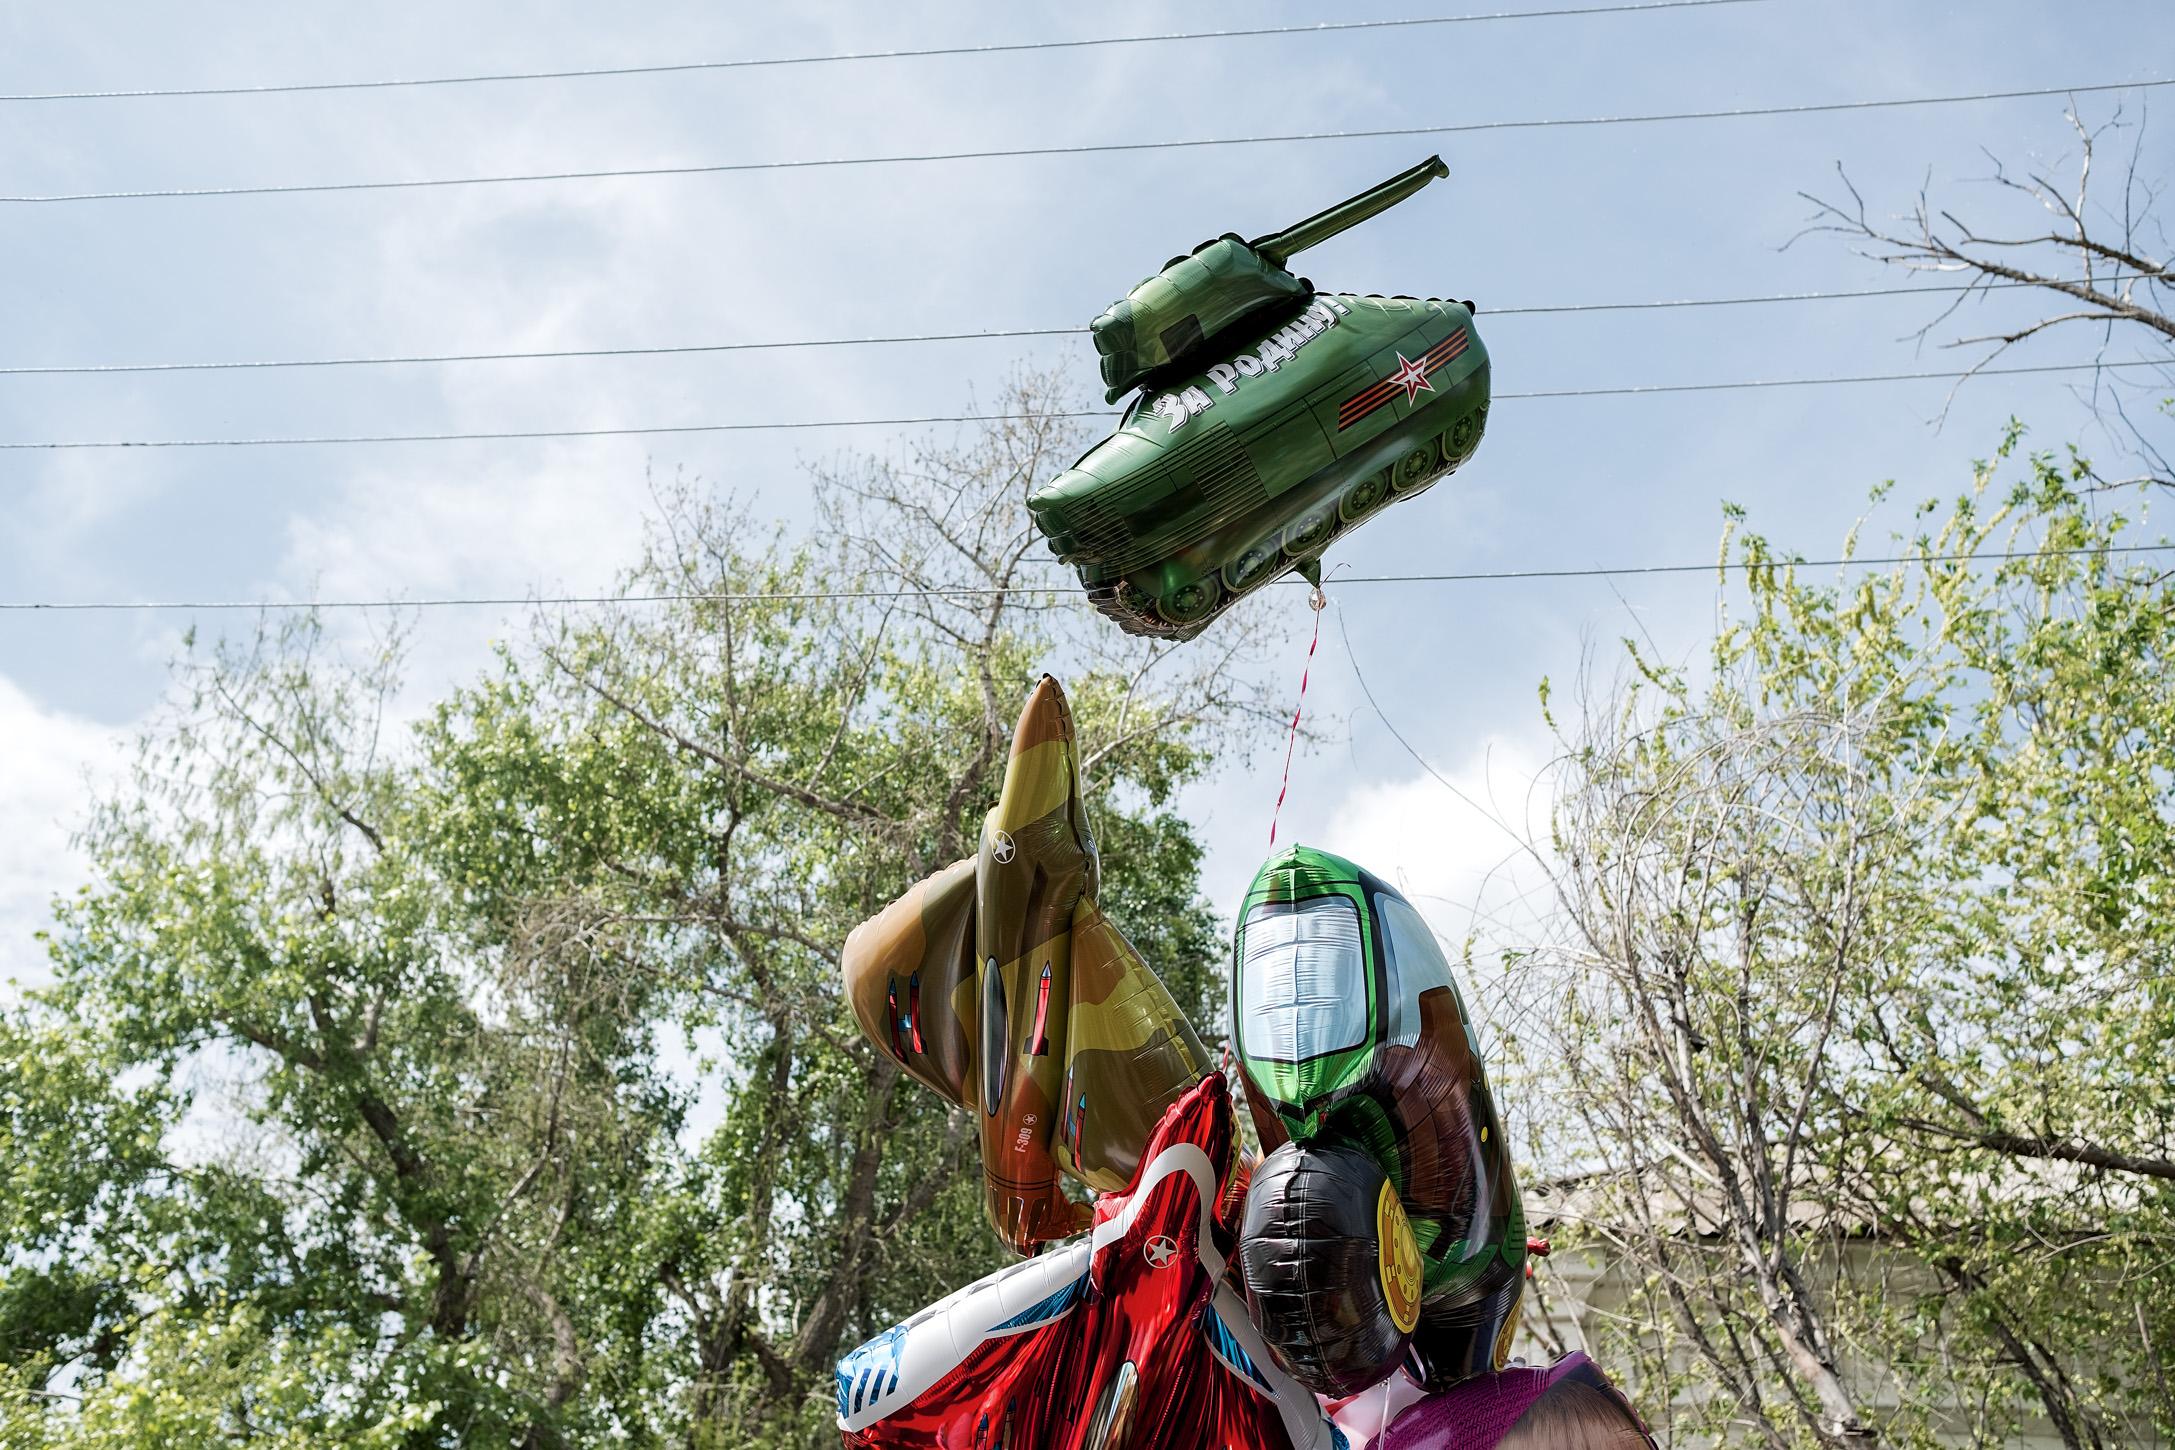 4. 9/5/17. Venta de globos infantiles con forma de tanques y aviones caza.